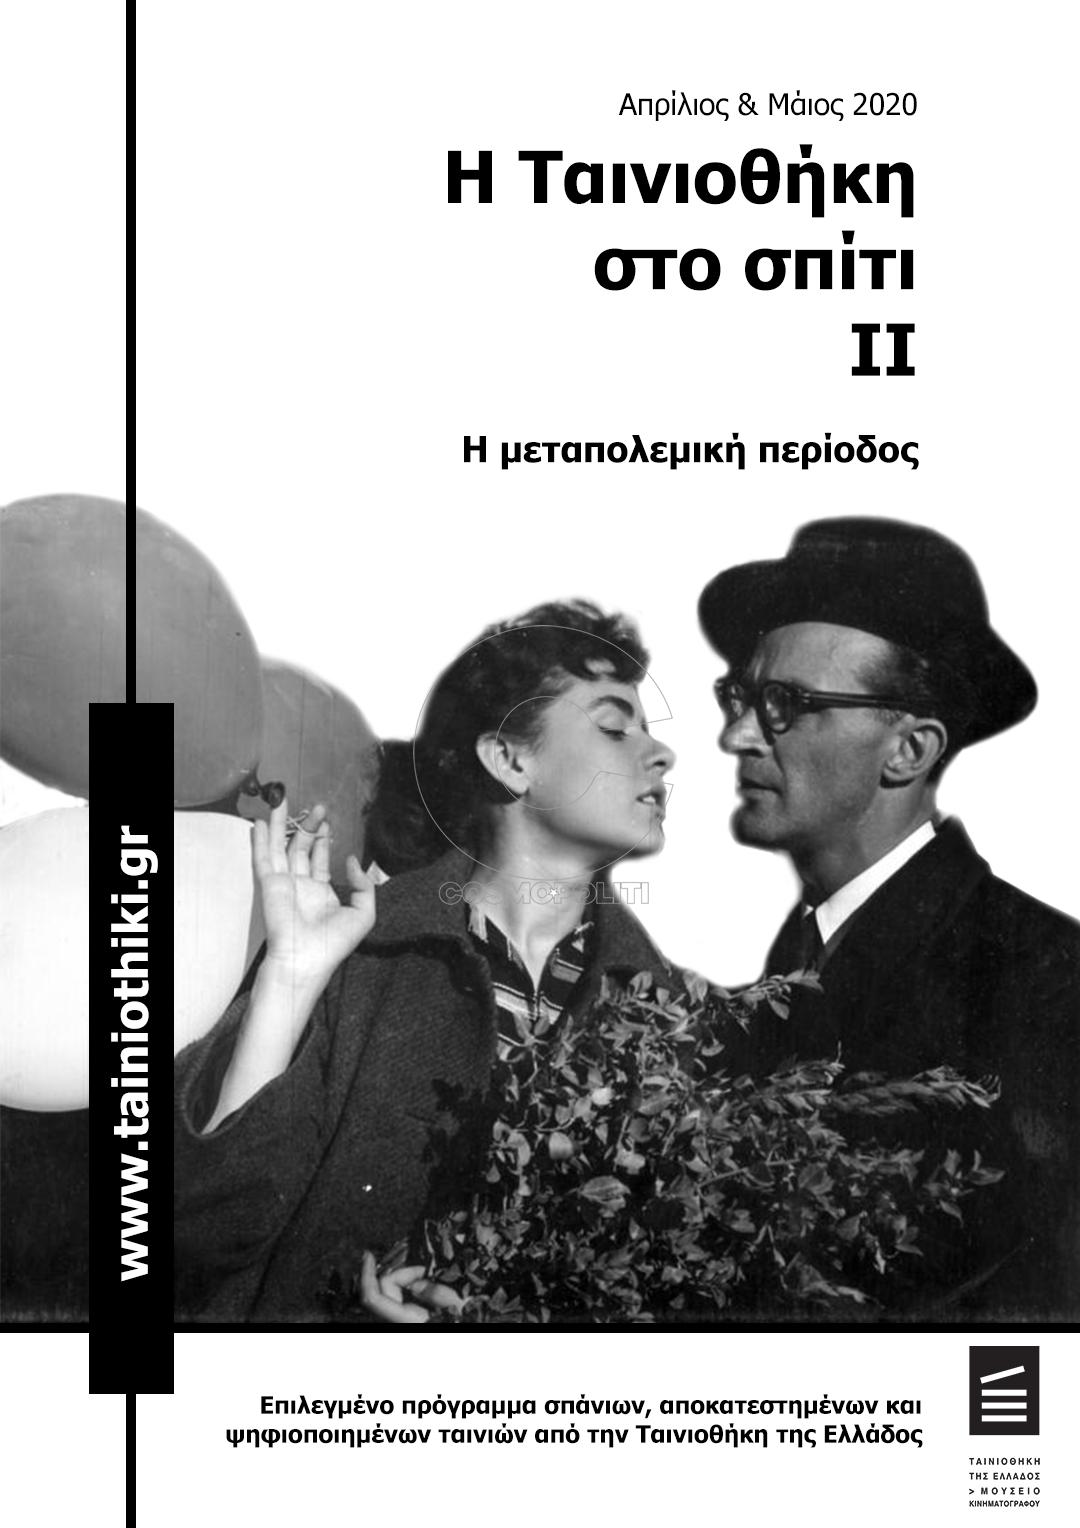 tainiothiki_sto_spiti_2_poster